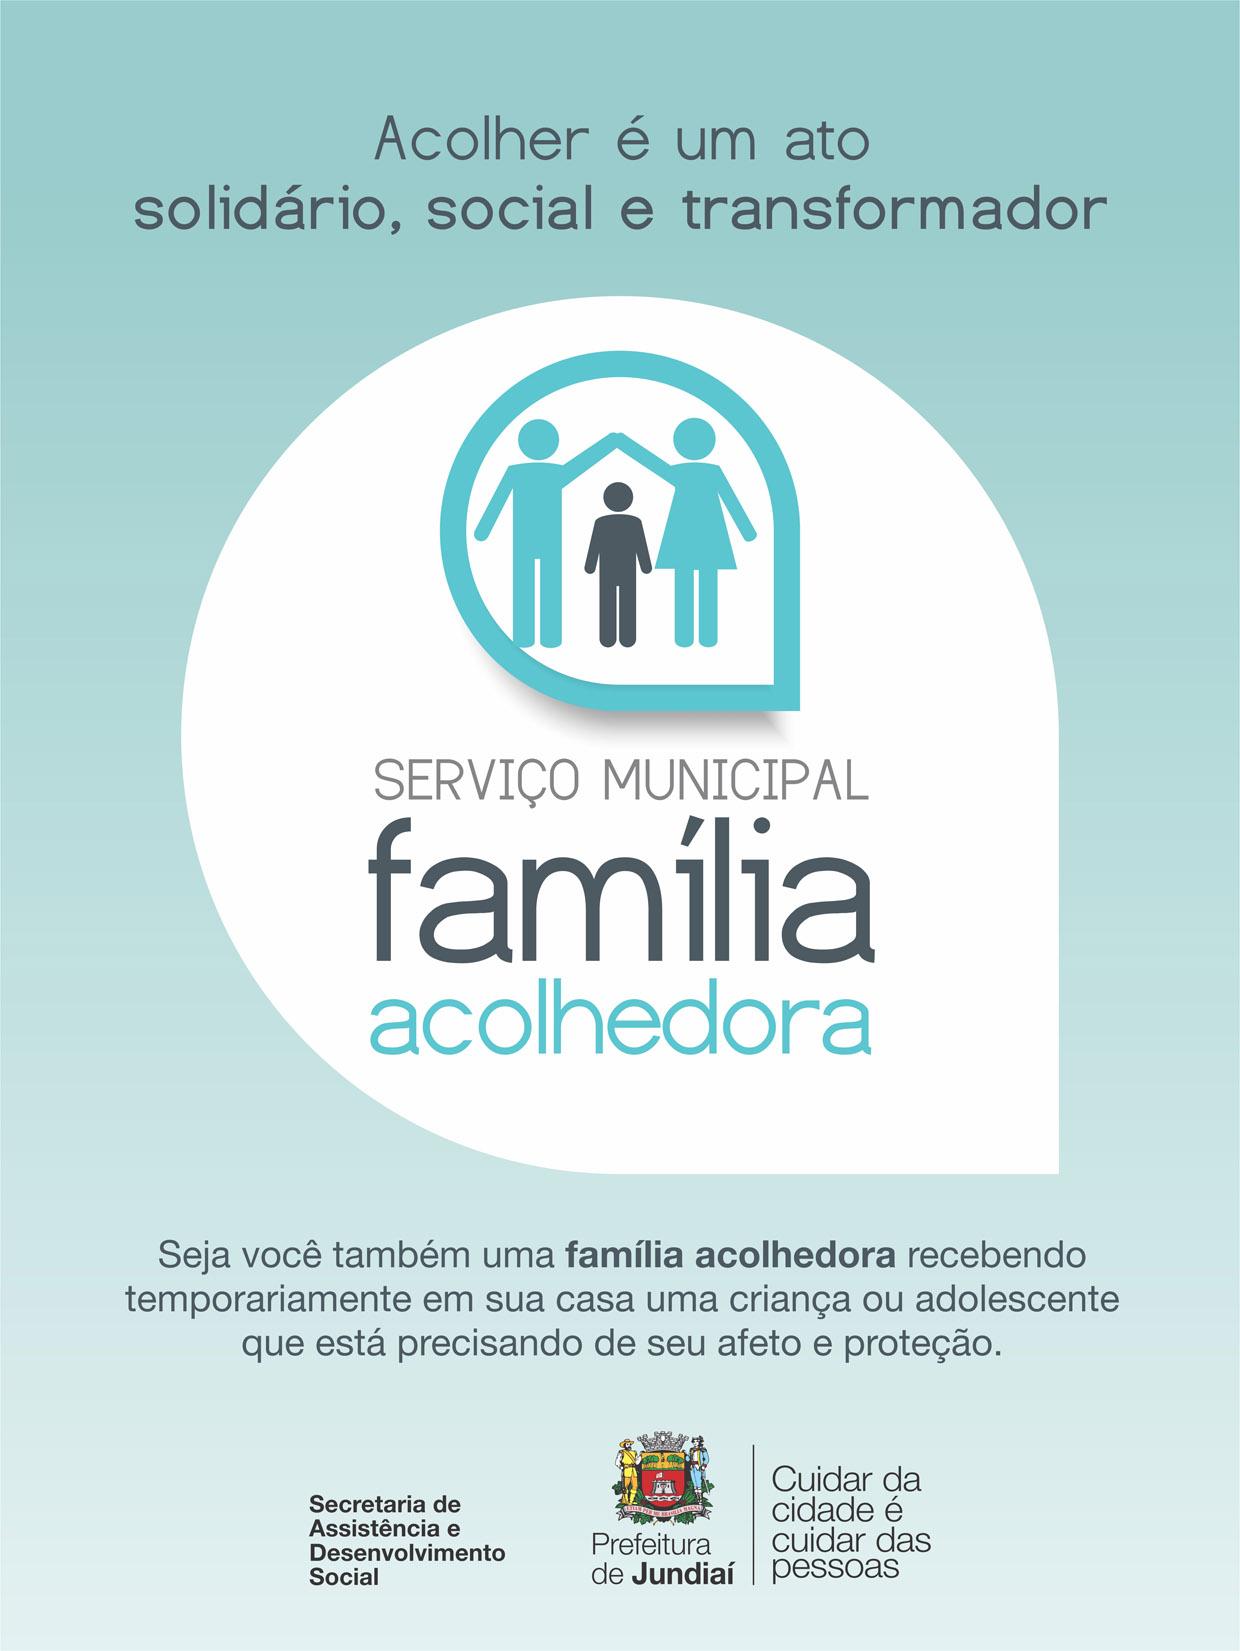 Capacitações para famílias interessadas no serviço estão marcadas para 25 de julho e 8 de agosto